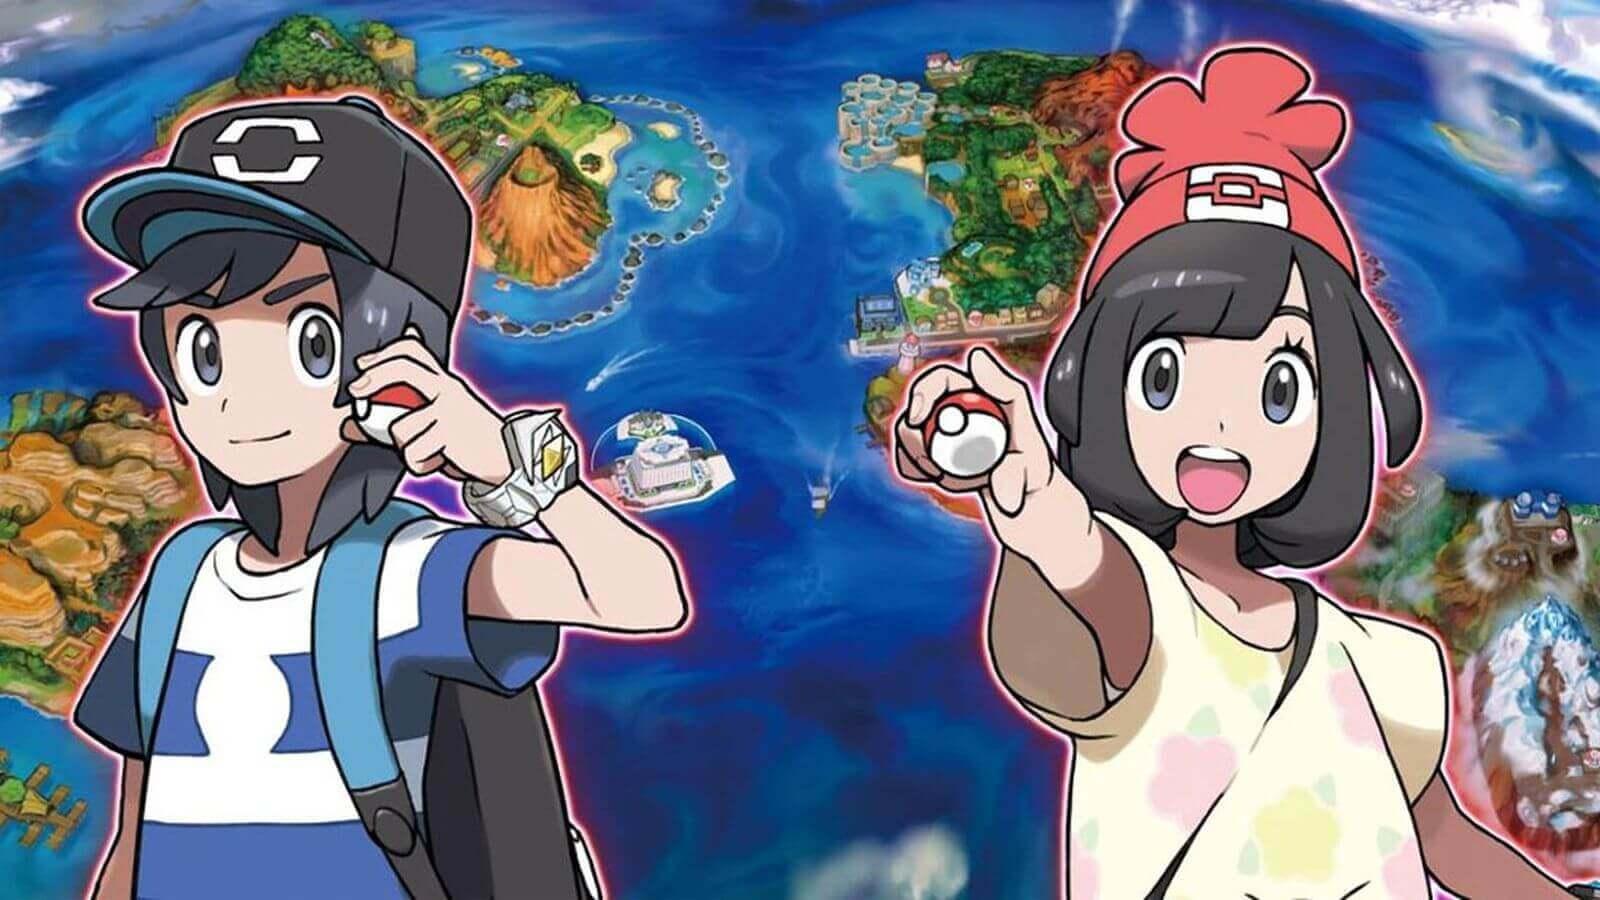 Foto de Análise: Pokémon Sun e Moon revigora a série e é um dos melhores da franquia